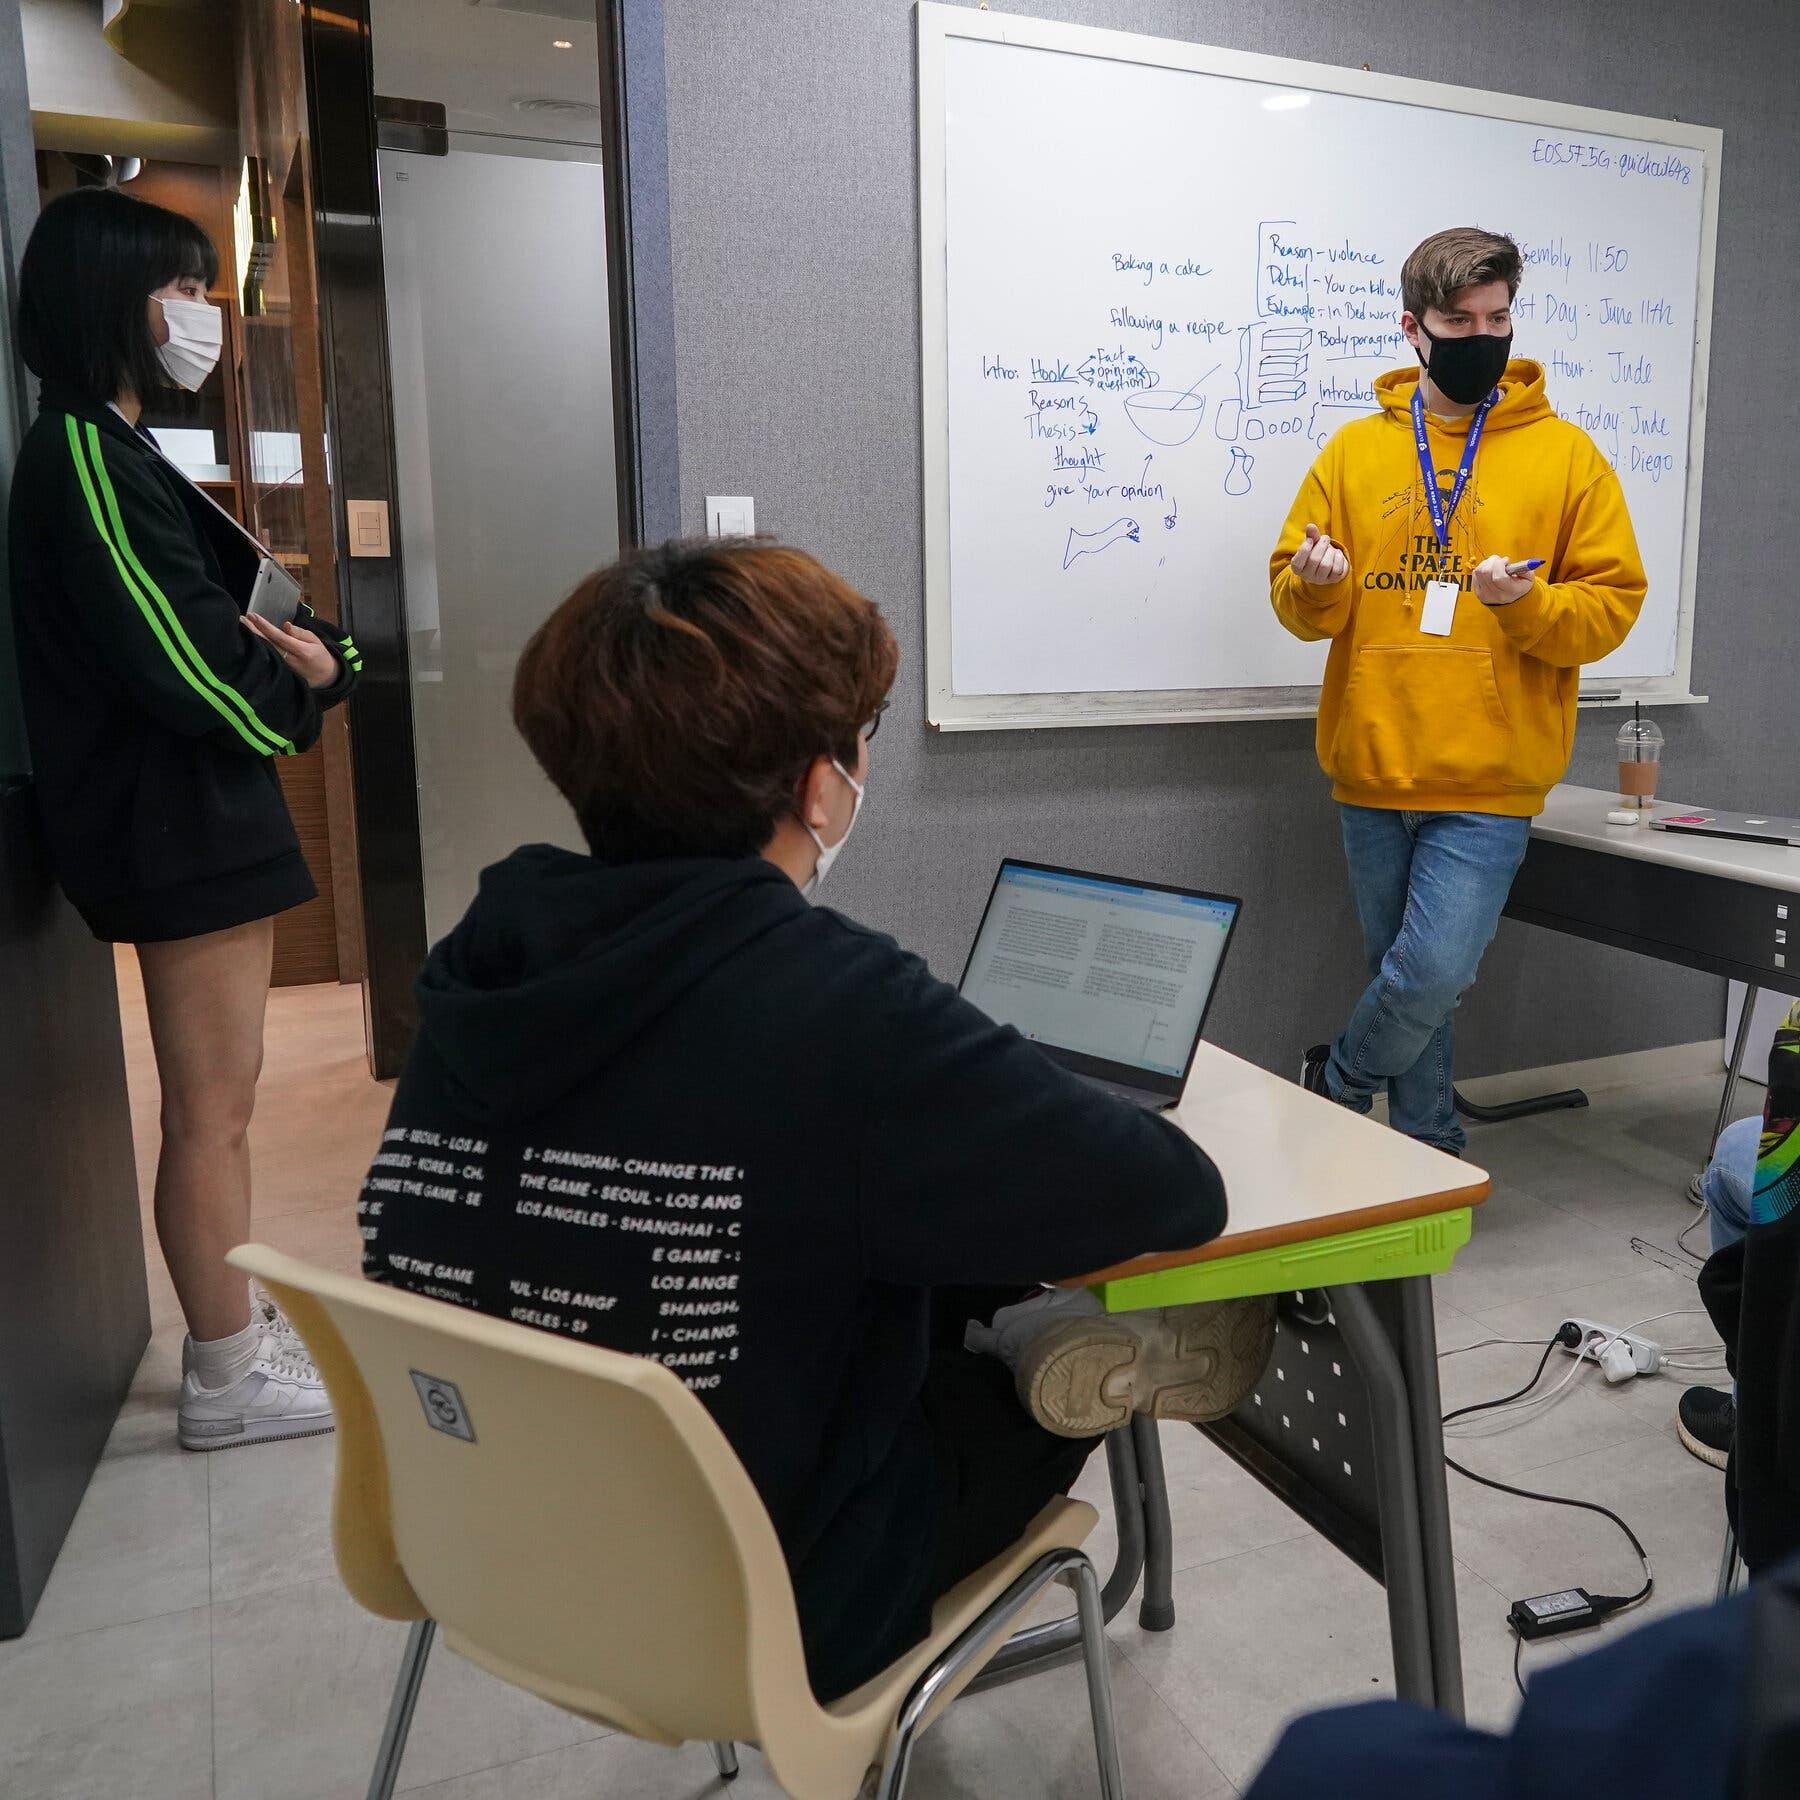 Cuộc đua nghẹt thở trở thành người chơi esport chuyên nghiệp tại Hàn Quốc - Ảnh 4.